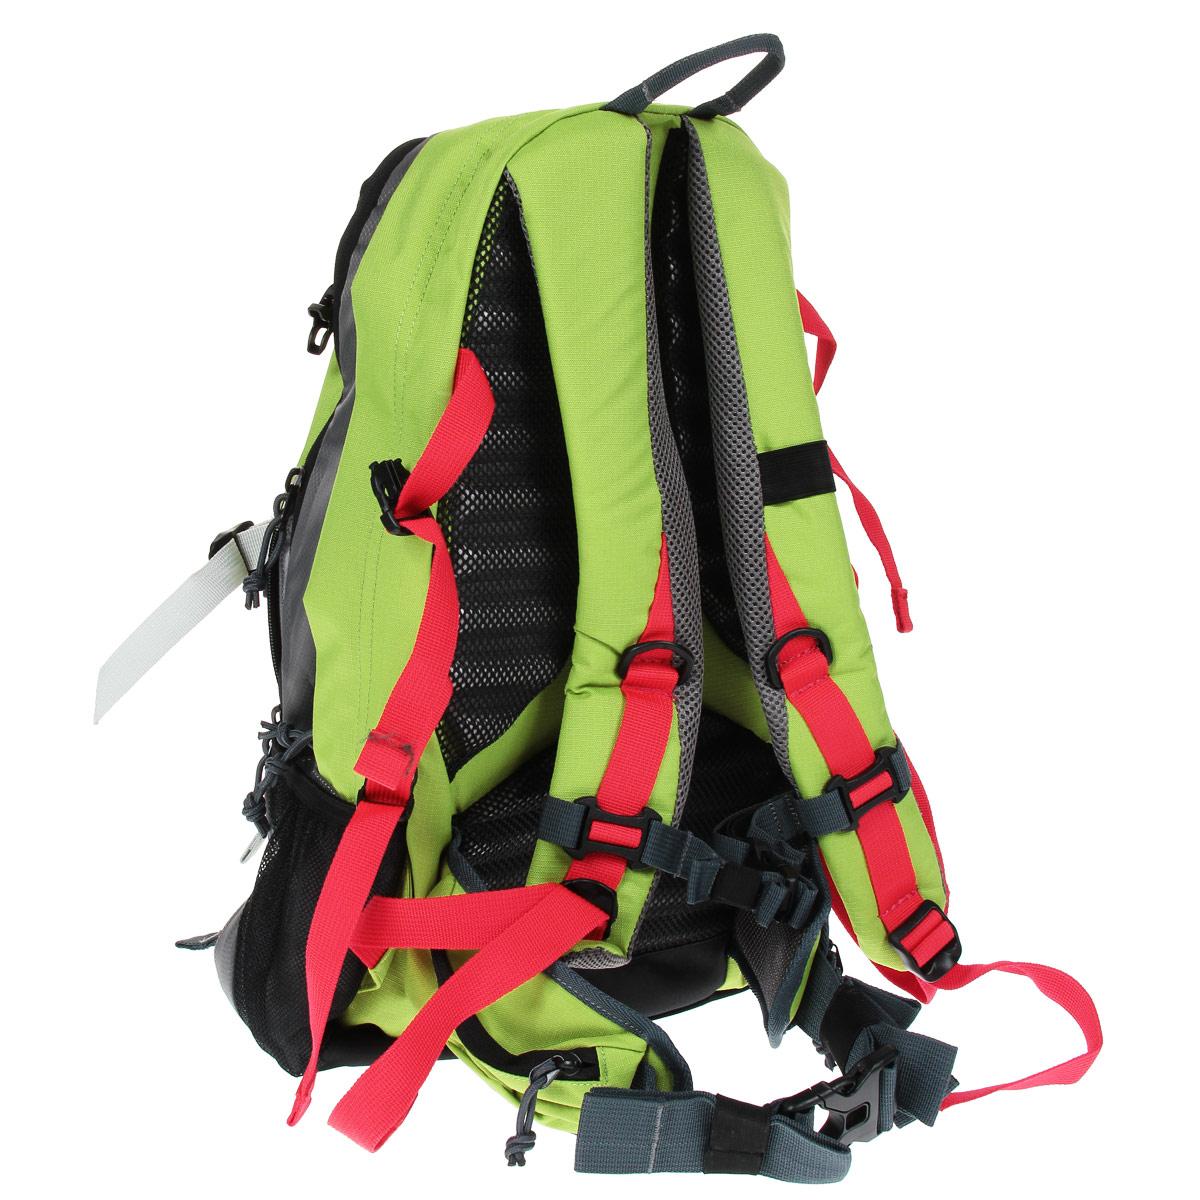 """Рюкзак WoodLand """"Turn-Up 30"""", цвет: зеленый, серый ( 30773 )"""